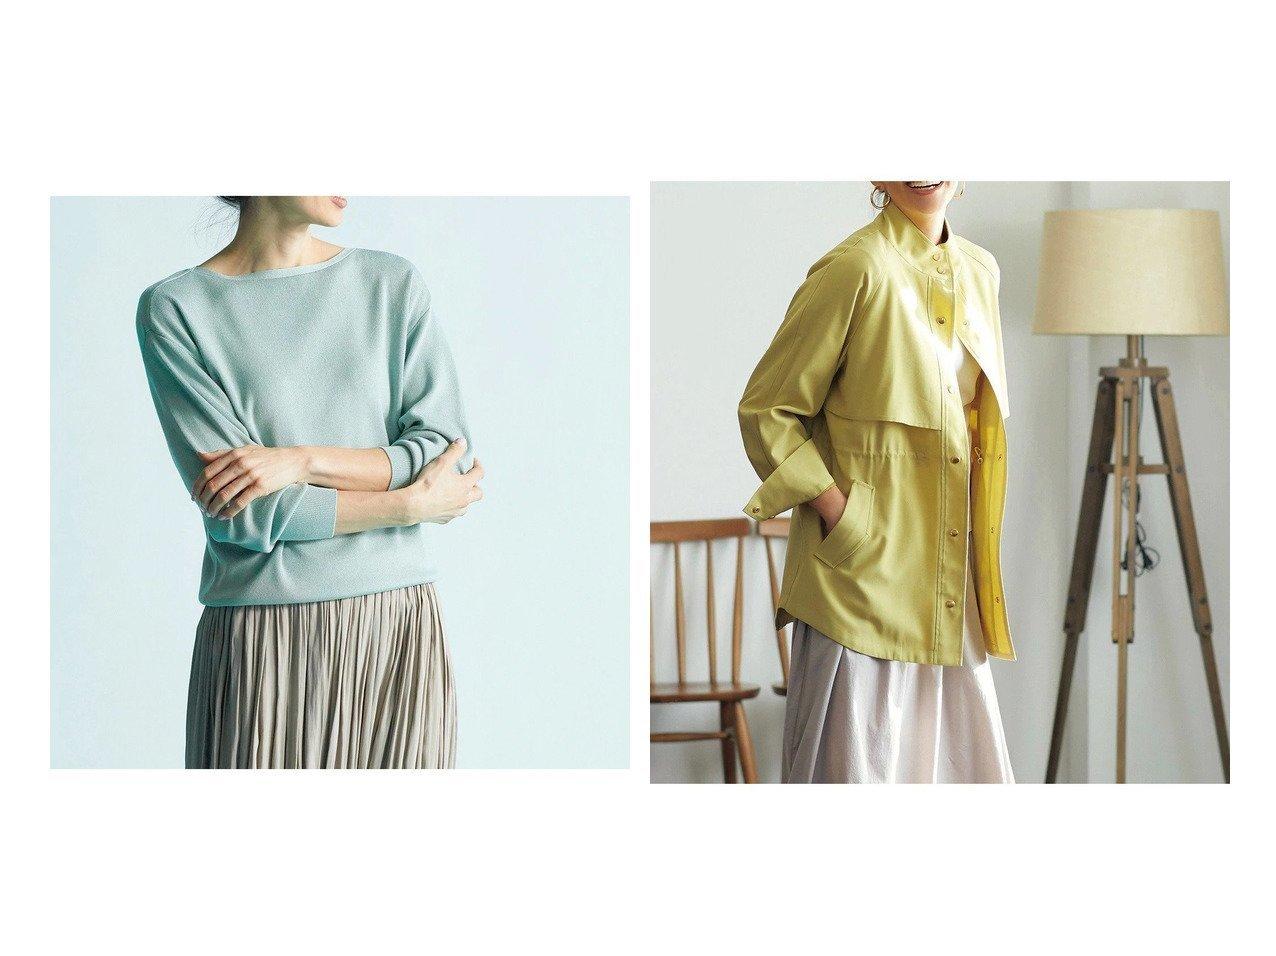 【DoCLASSE/ドゥクラッセ】の総針編み・ボートネックニット&綾織りカルゼ・スタンドカラージャケット 40代、50代の女性におすすめ!人気トレンド・ファッションの通販 おすすめで人気の流行・トレンド、ファッションの通販商品 メンズファッション・キッズファッション・インテリア・家具・レディースファッション・服の通販 founy(ファニー) https://founy.com/ ファッション Fashion レディースファッション WOMEN トップス・カットソー Tops/Tshirt ニット Knit Tops アウター Coat Outerwear ジャケット Jackets インナー カットソー シルク ジャケット ギャザー スタンド タートル ミックス 春 Spring |ID:crp329100000028121